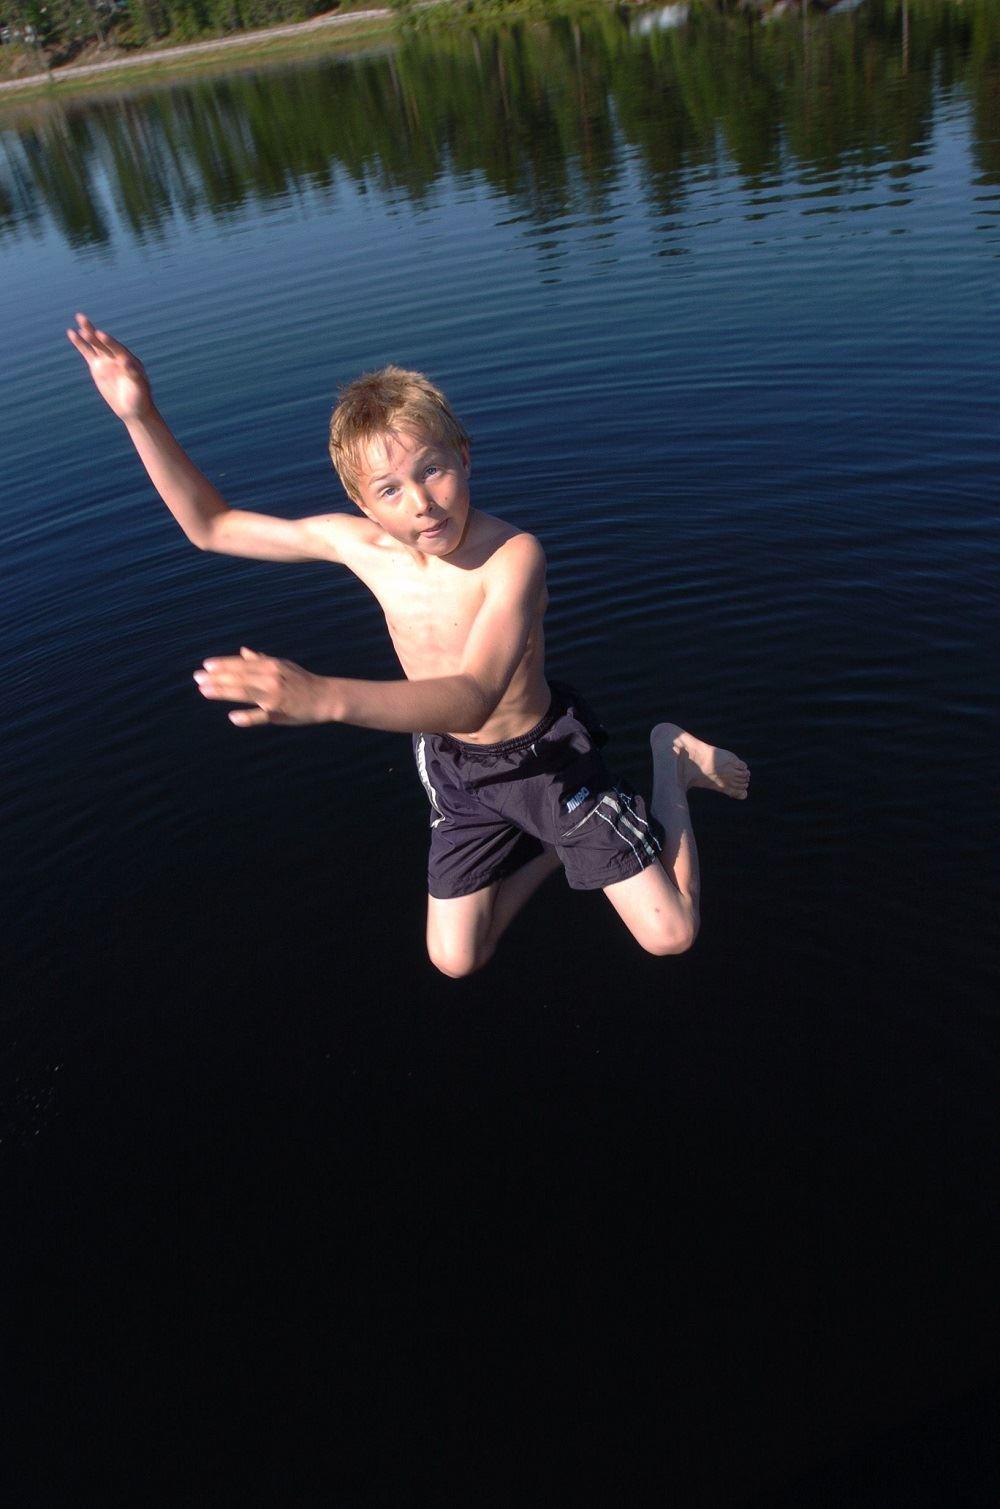 Nisse Schmidt, Nornäs badplats